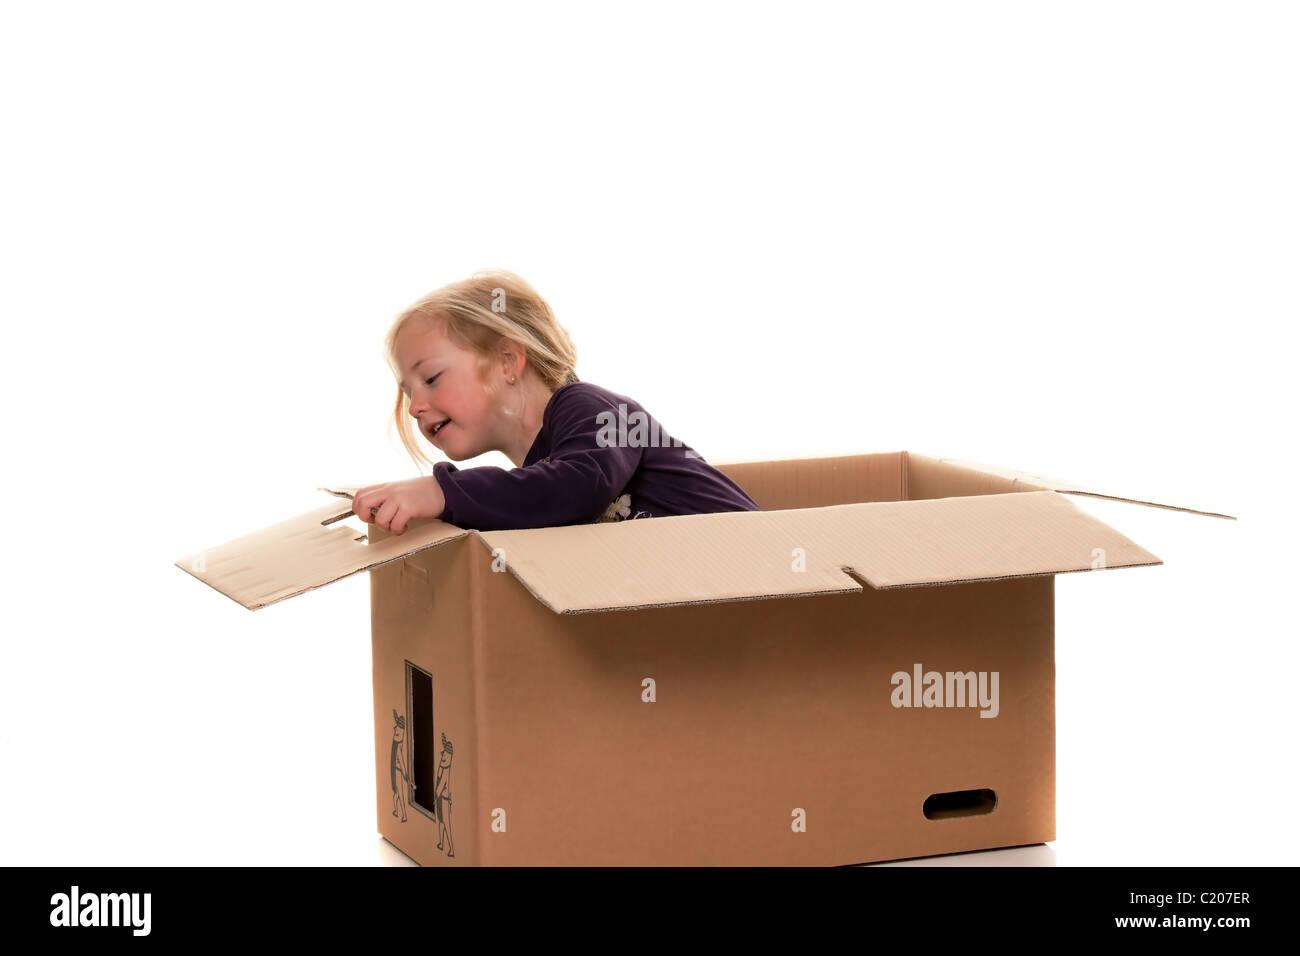 Niño en caja de cartón. Se está moviendo a la caja. Foto de stock